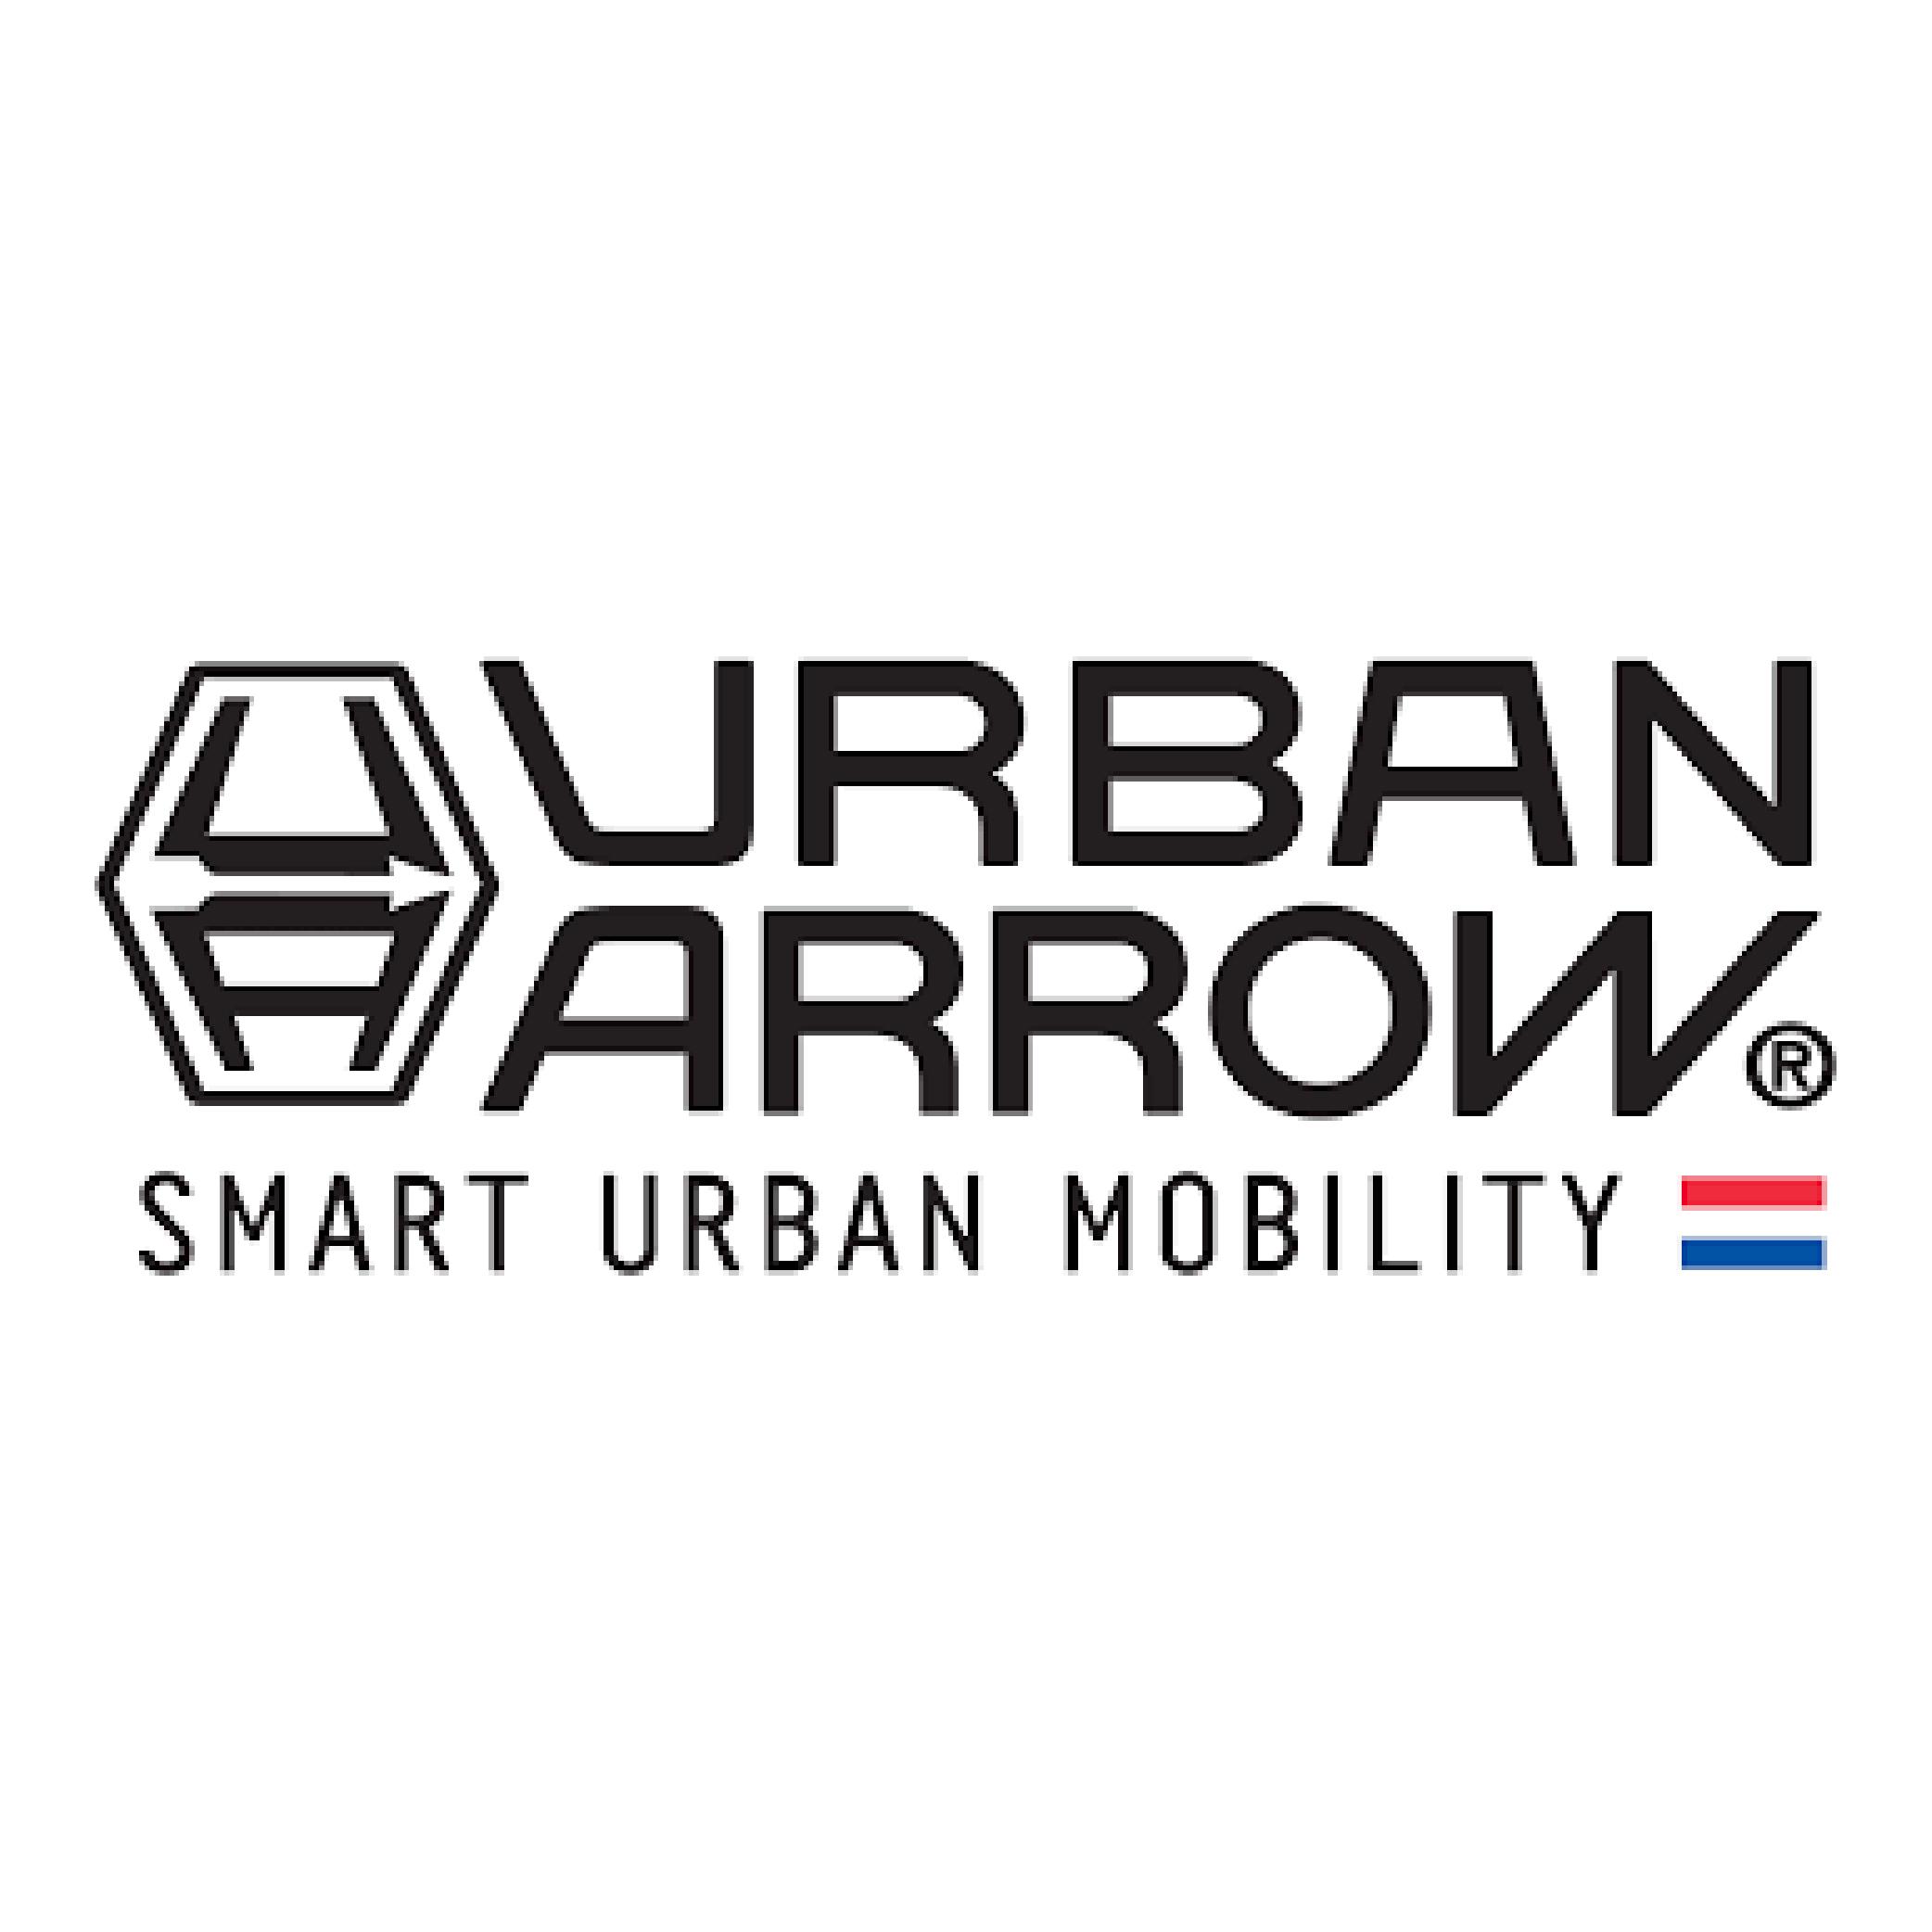 urban-arrow-fietskar-online-kopen